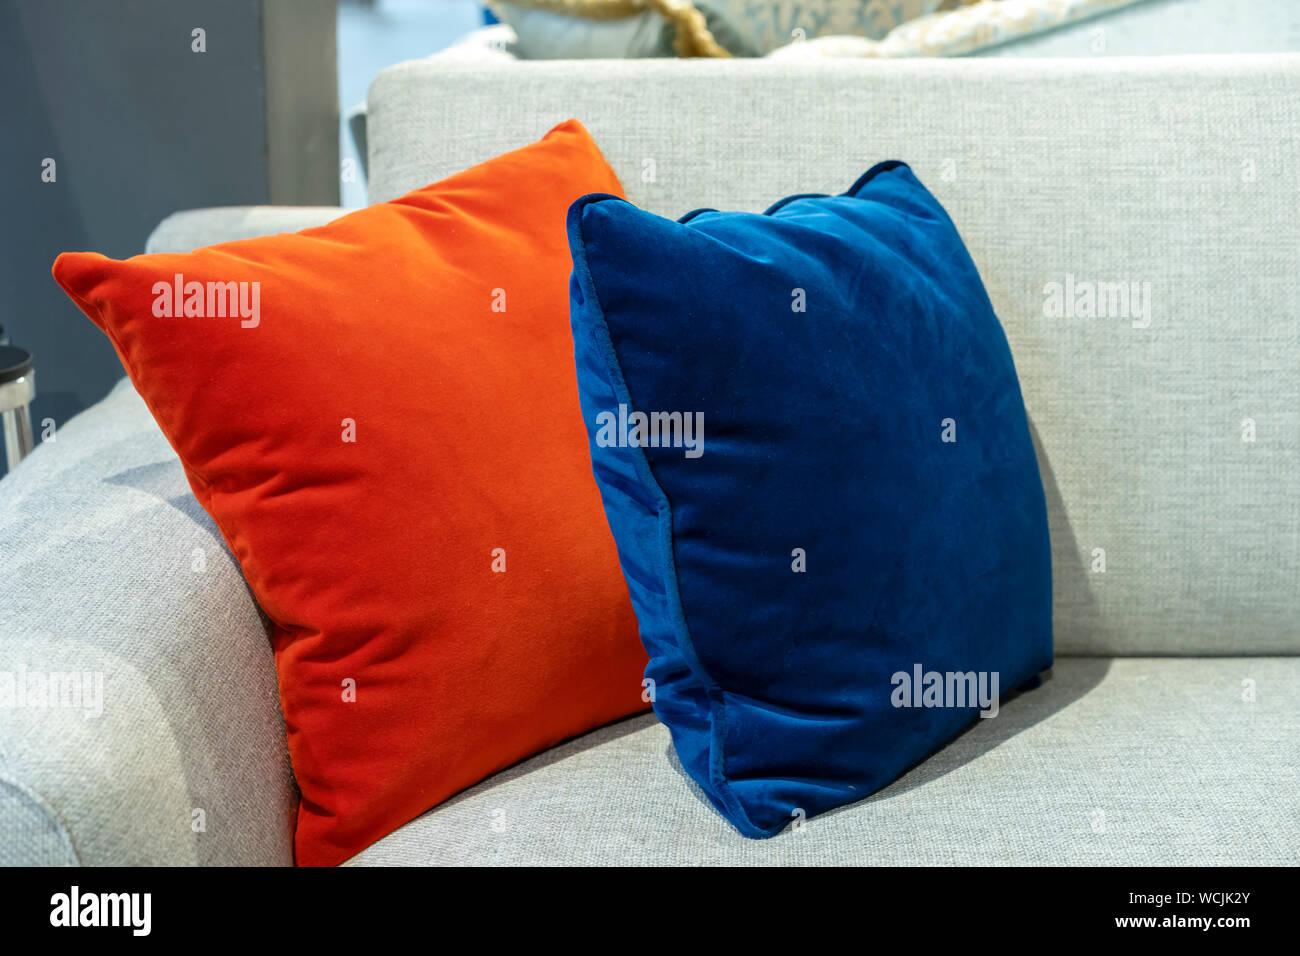 Cuscini Arancioni Per Divano.Arancione E Blu Cuscini Decorativi Su Un Divano Color Beige Foto